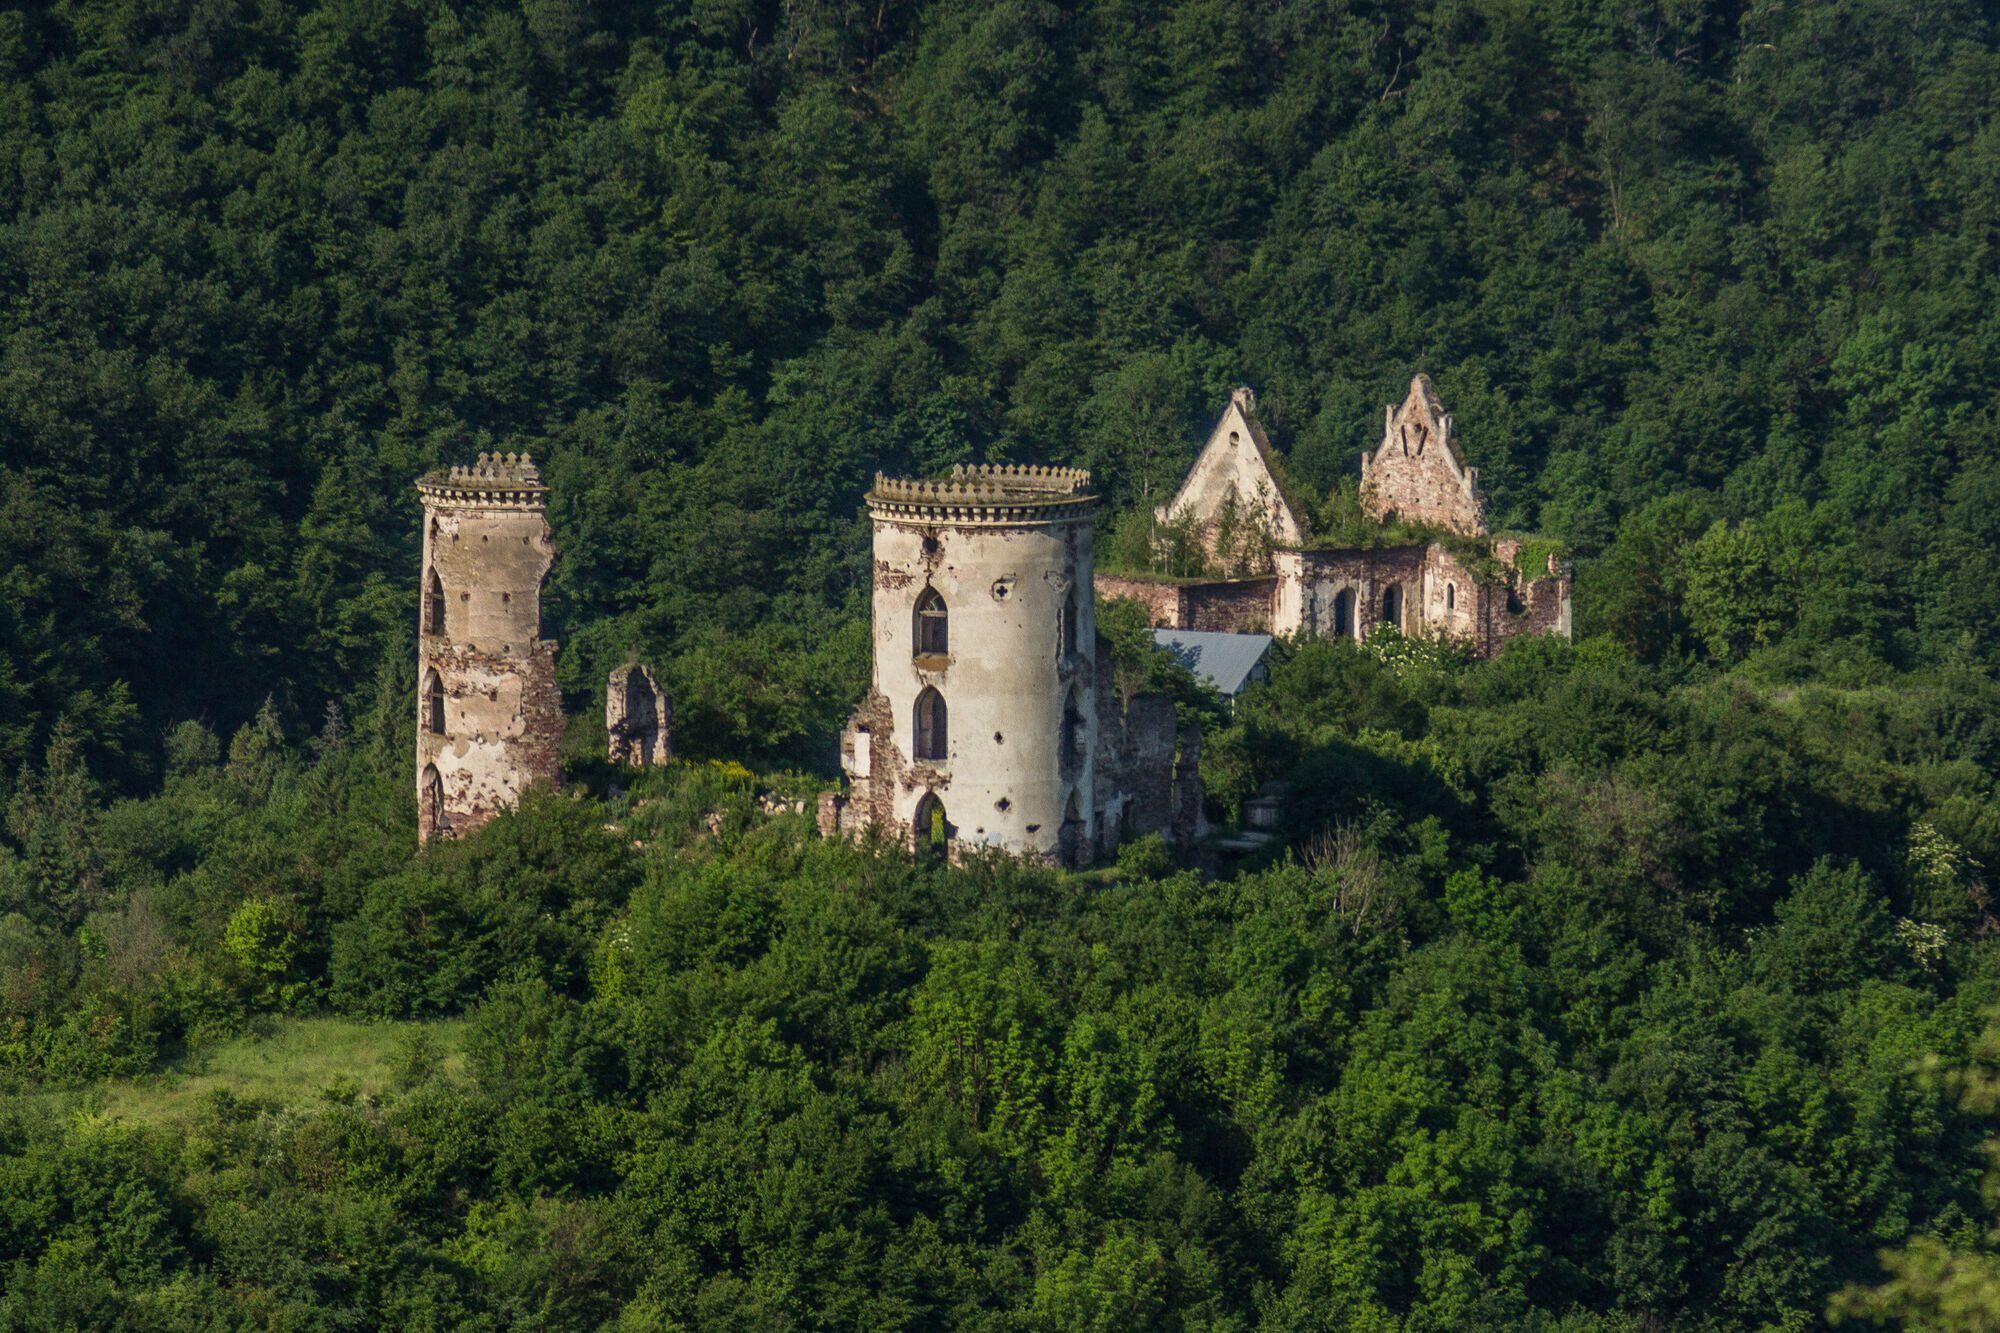 Палац графа Ксідо був побудований на початку 20 століття